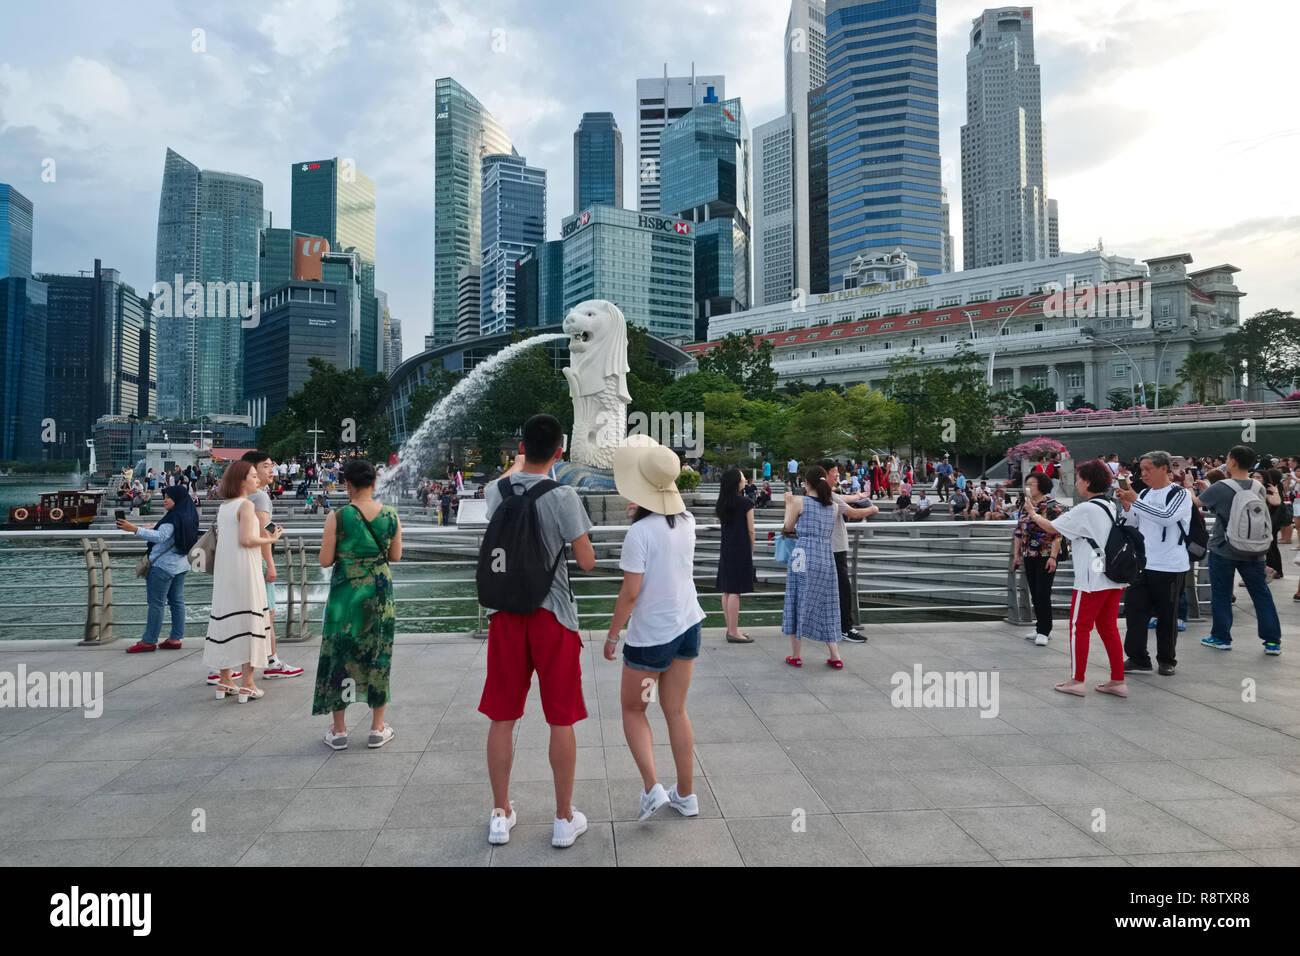 Les touristes asiatiques s'assemblant autour du Merlion, la moitié-moitié de poisson-lion statue, au Parc Merlion, Singapour; zone.: le quartier des banques & Fullerton Hotel Banque D'Images